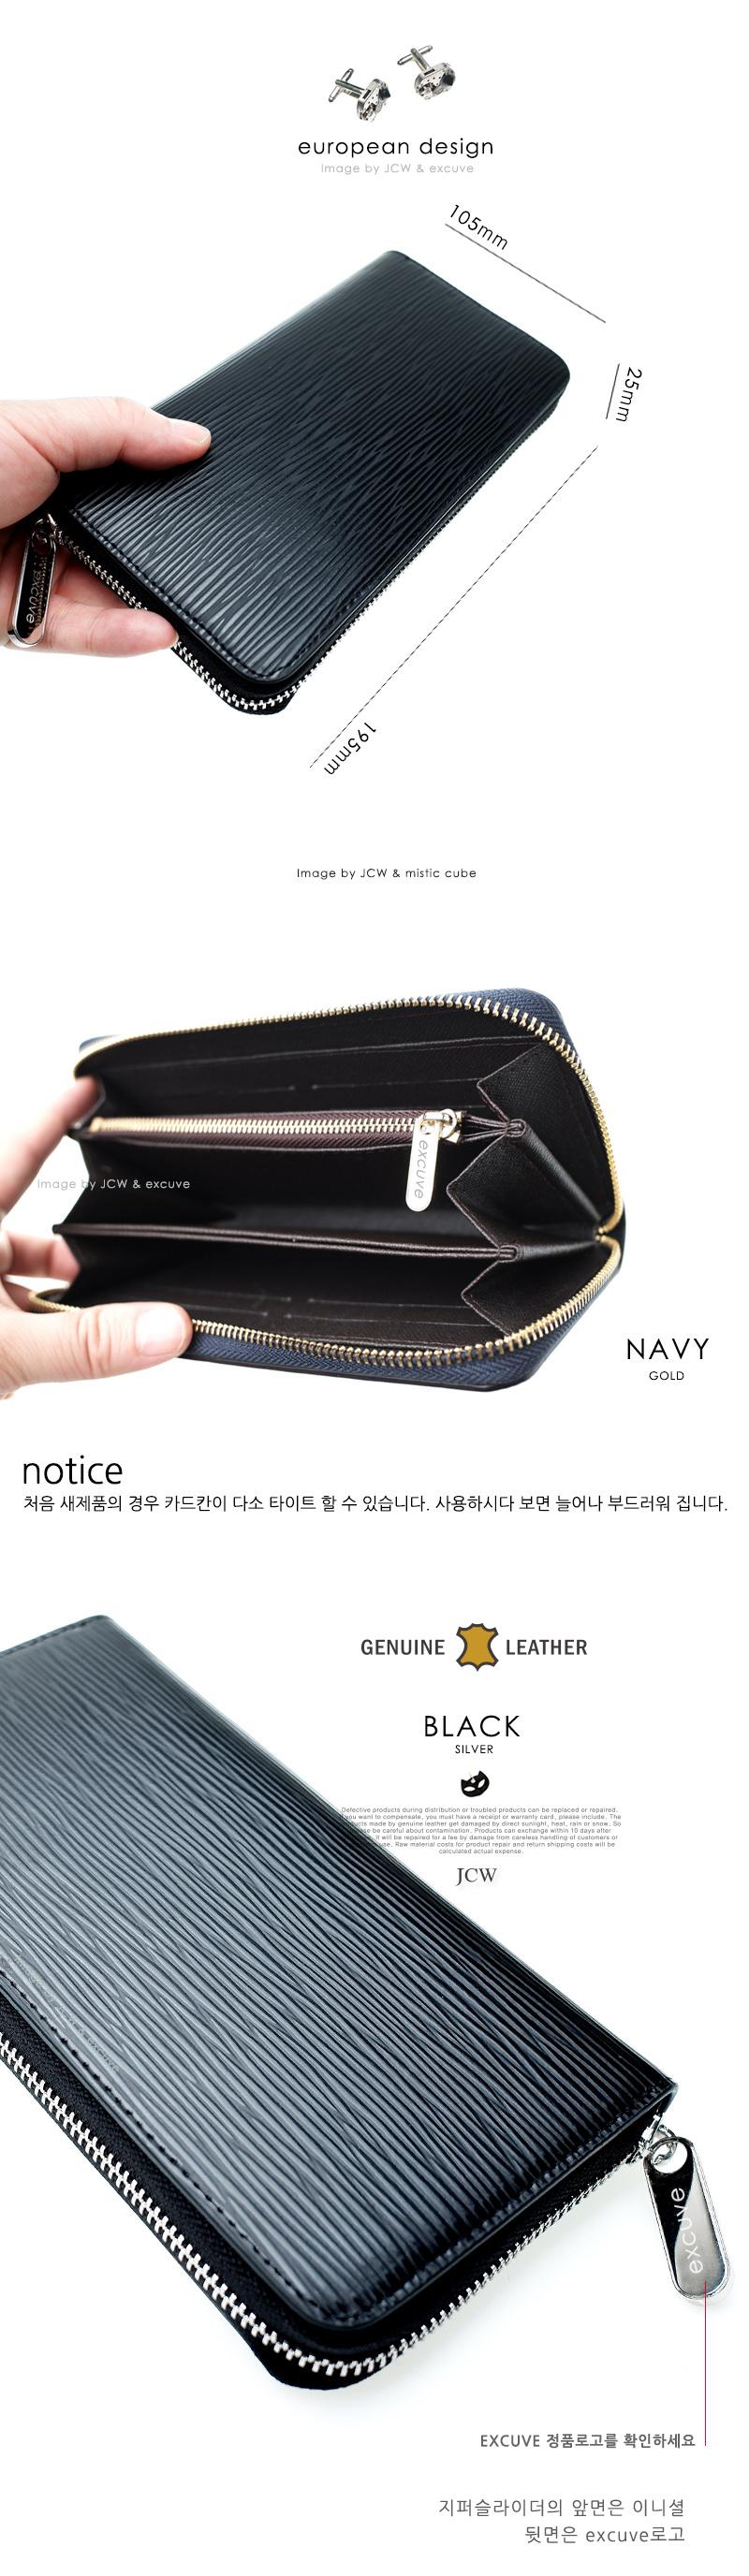 익스큐브 이니셜 지퍼 클러치 장지갑 M5 - 익스큐브, 79,000원, 클러치백, 가죽클러치백